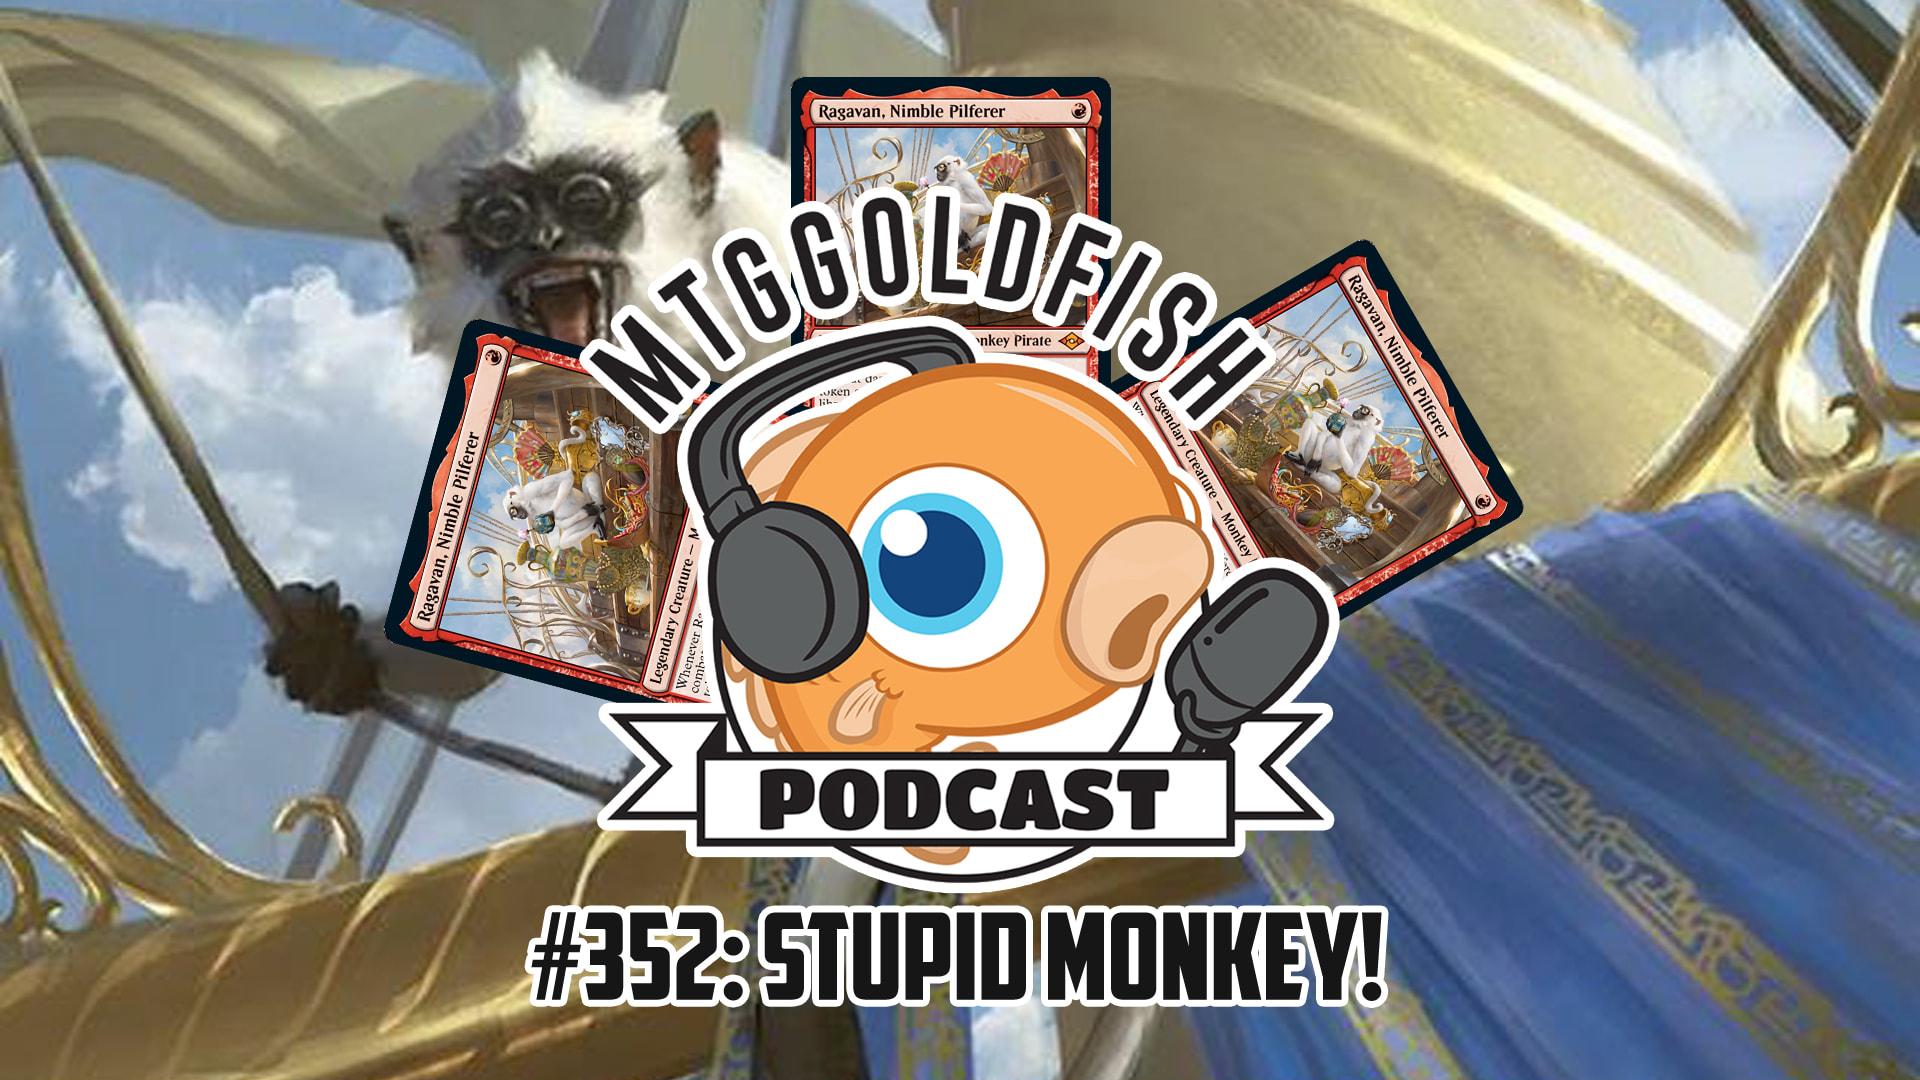 Image for Podcast 352: Stupid Monkey